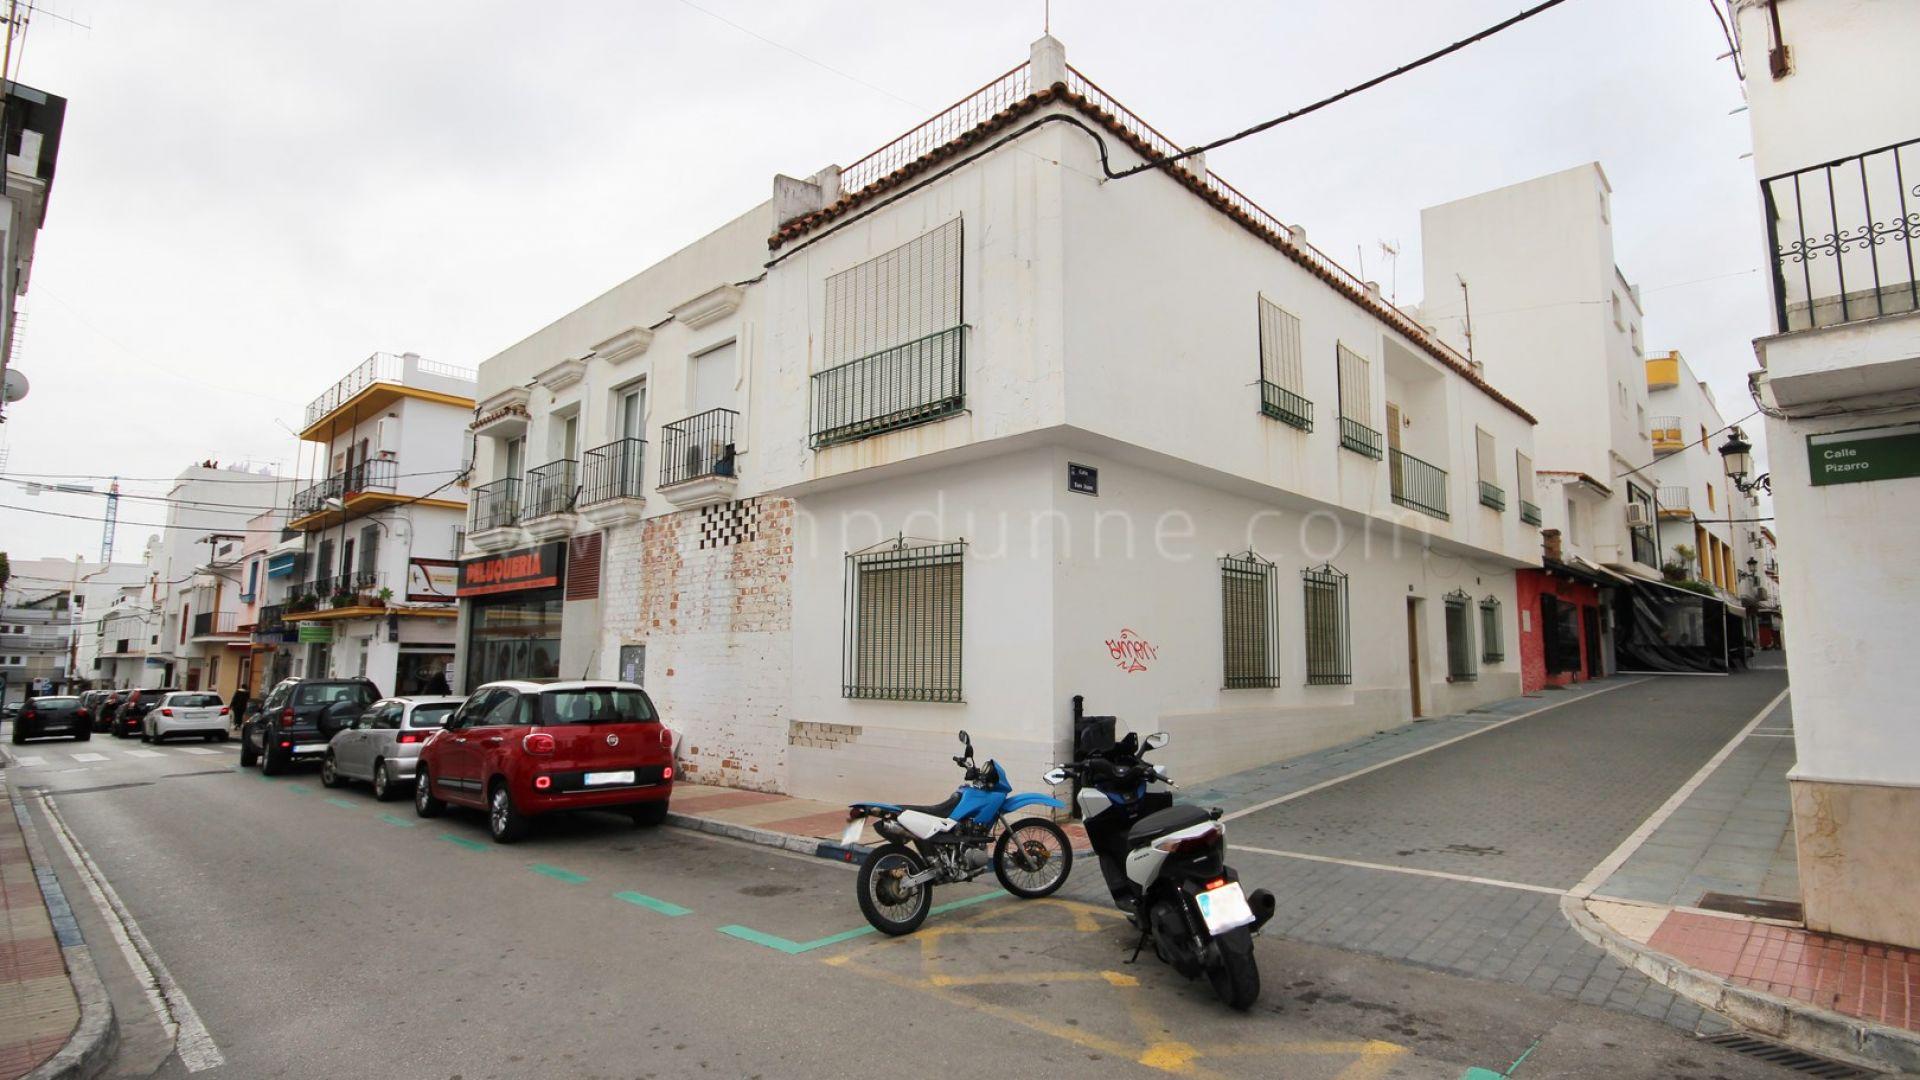 Immobilier r sidentiel avec des locaux commerciaux san pedro centre - Maison a vendre san francisco ...